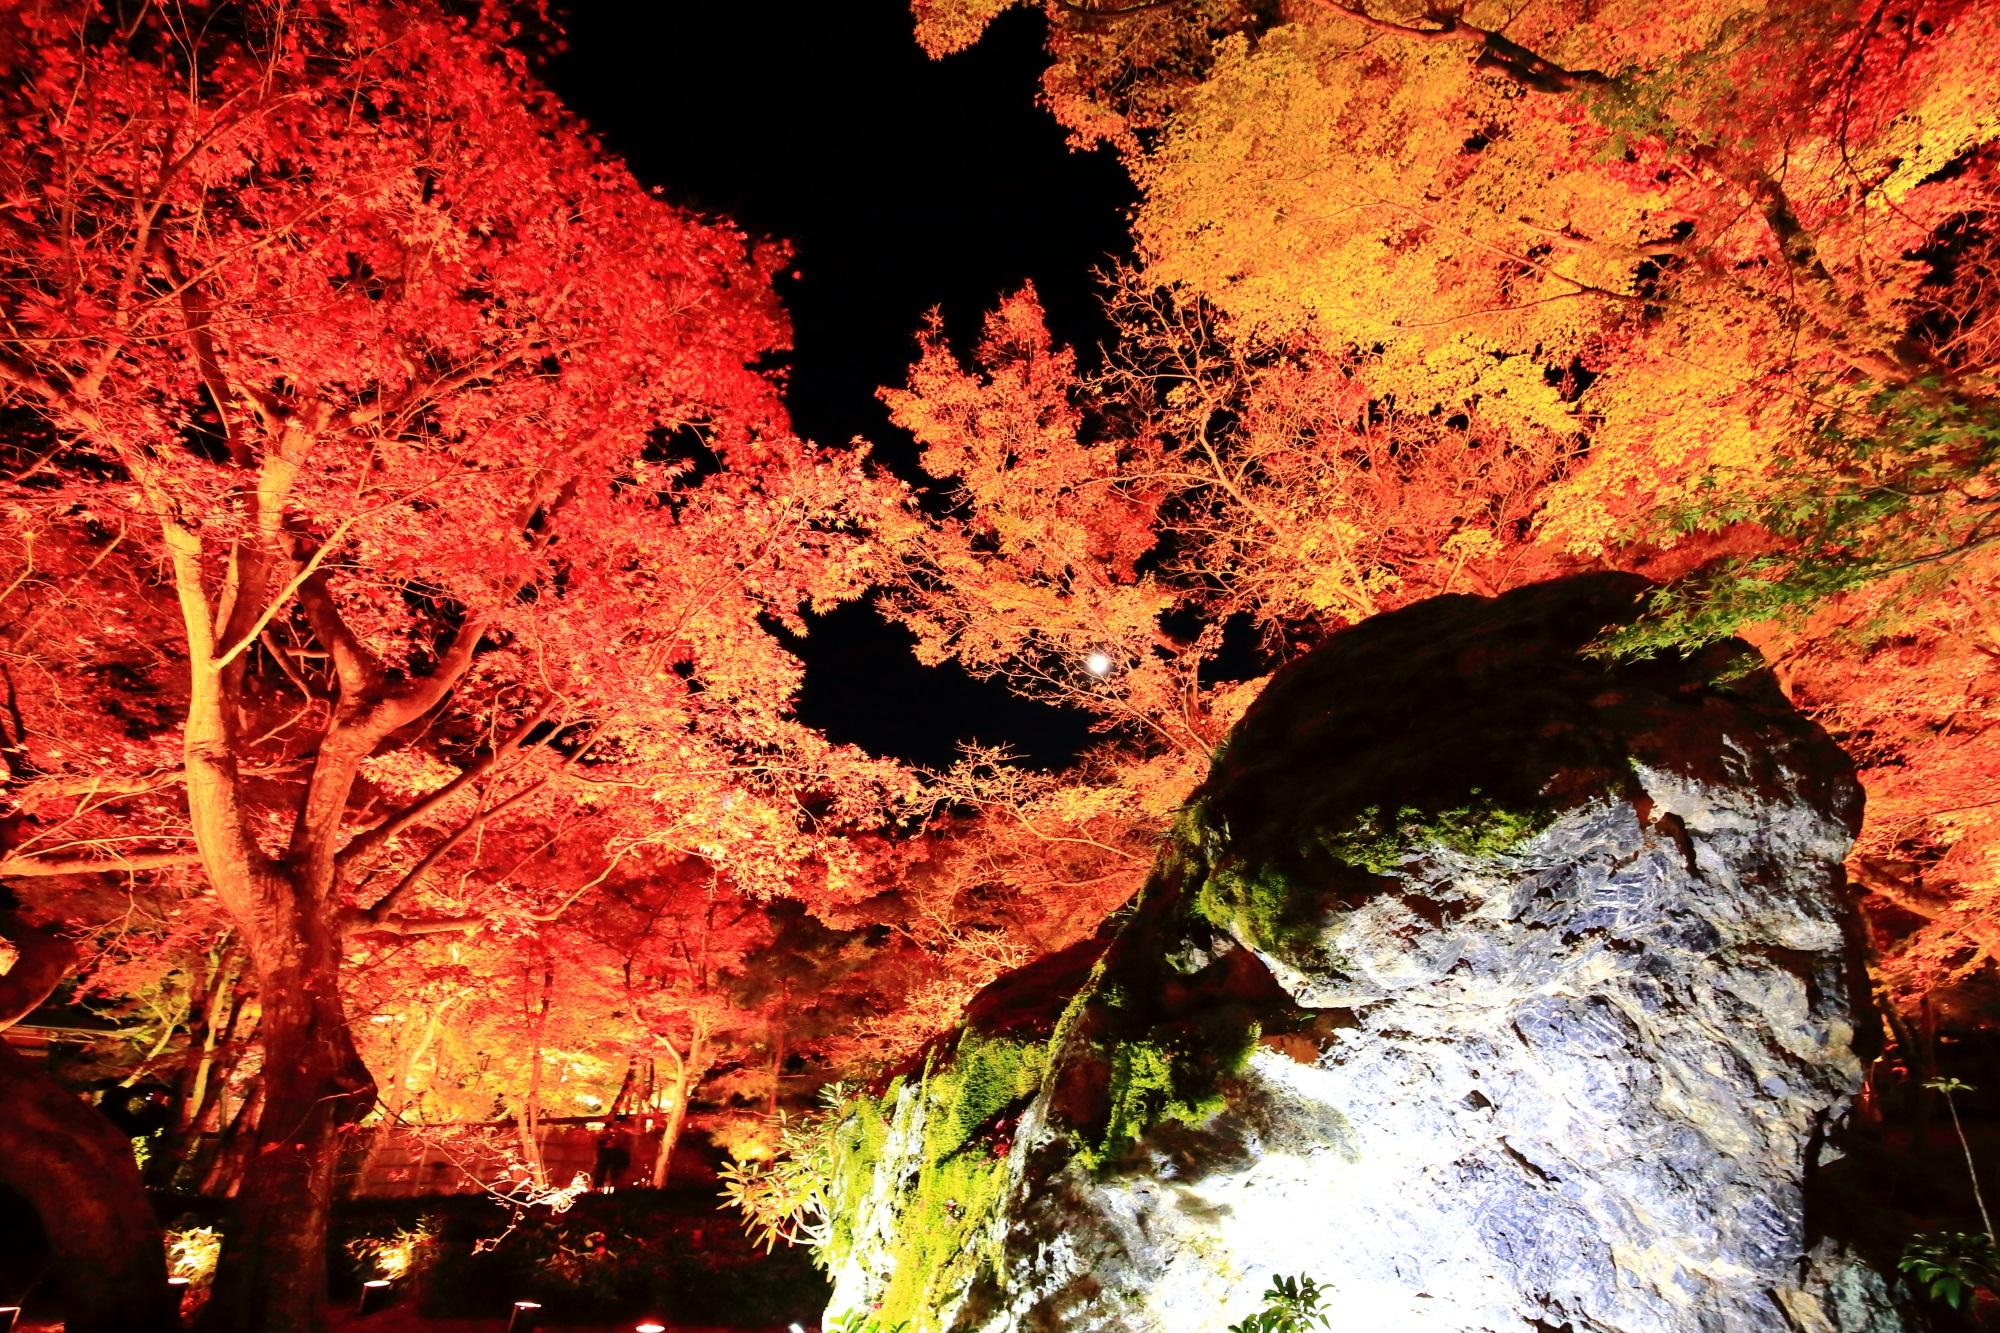 嵐山のもみじの名所の宝厳院の獅子吼の庭の見ごろの綺麗な紅葉と獅子岩